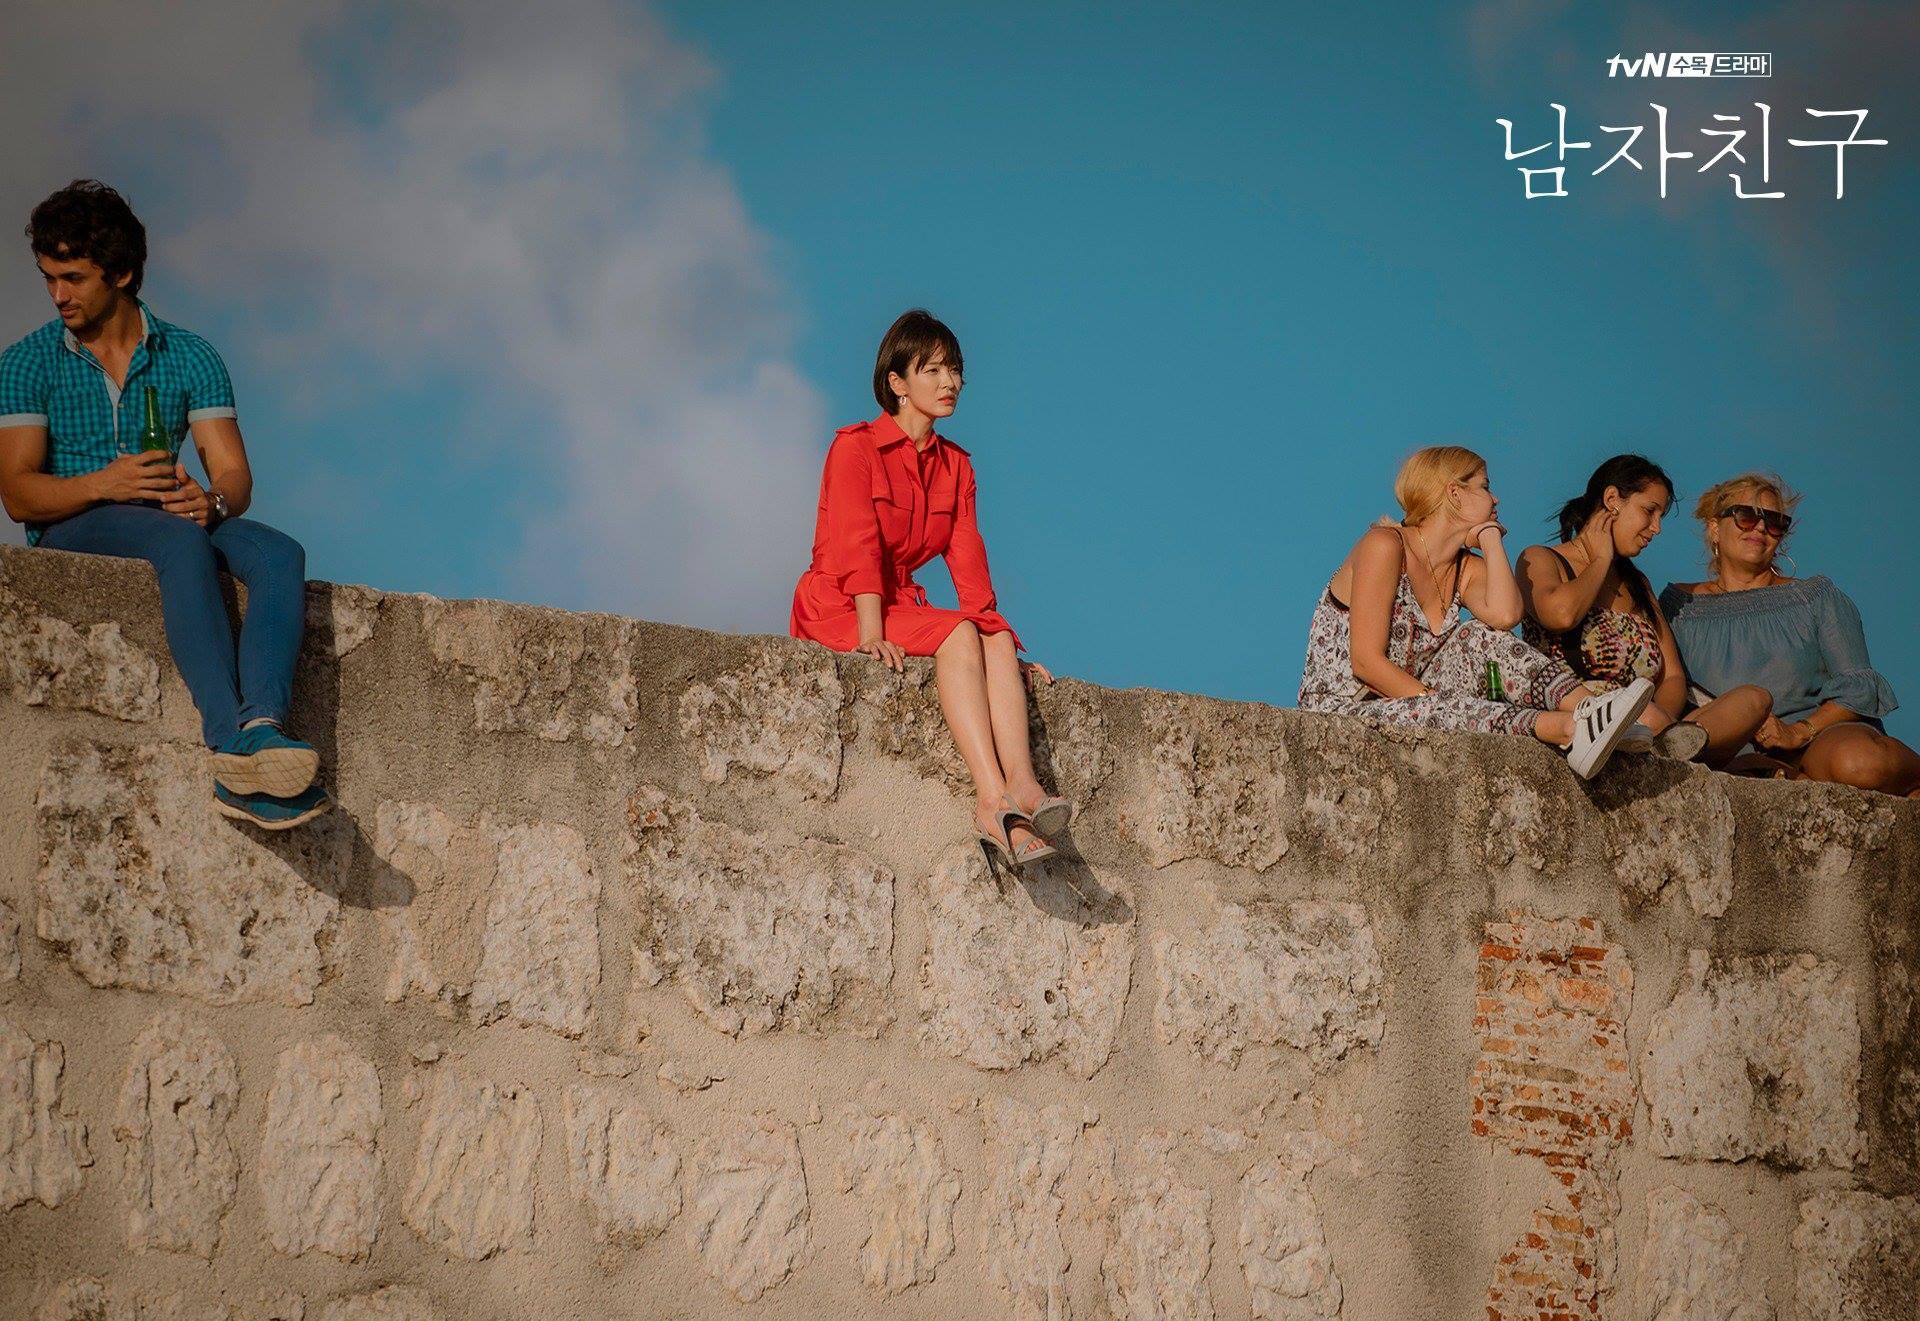 Nếu chưa xem Encounter của Song Hye Kyo, bạn sẽ 'tiếc hùi hụi' vì bỏ lỡ 3 điều cực thú vị này đấy! - Ảnh 3